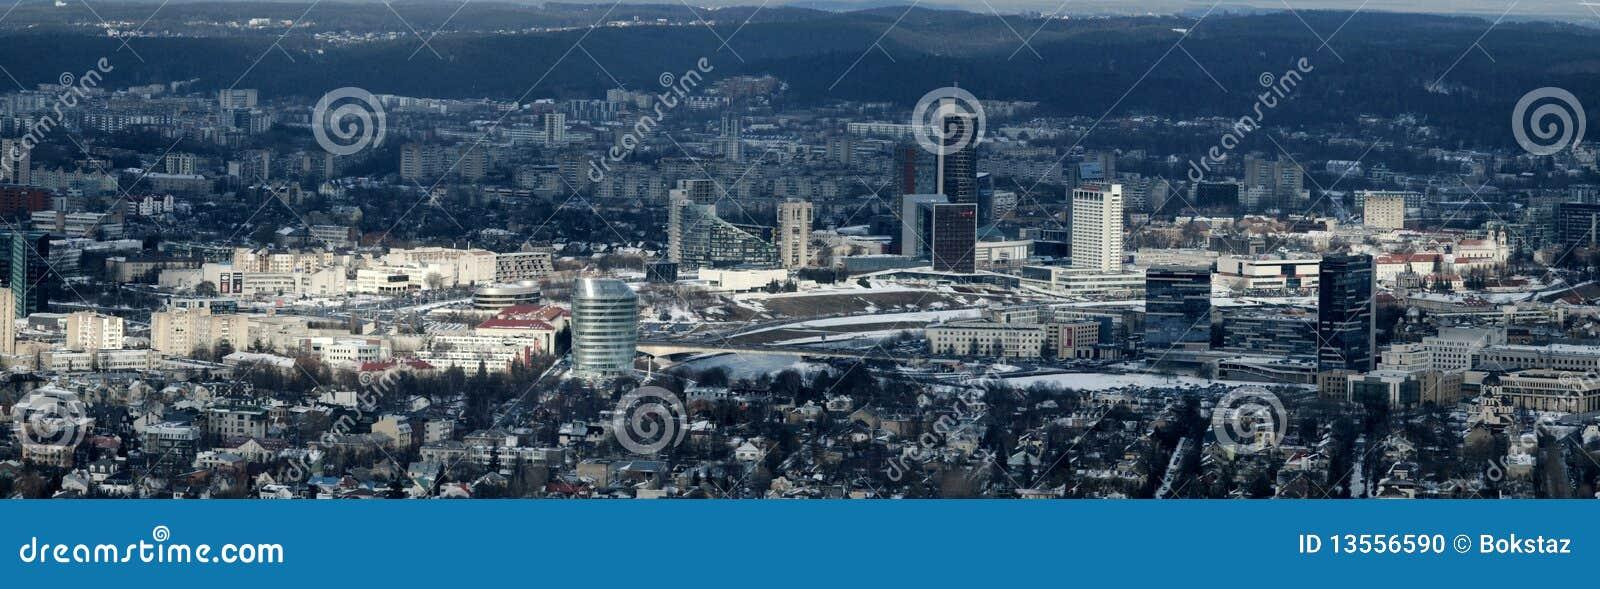 Vilnius city center